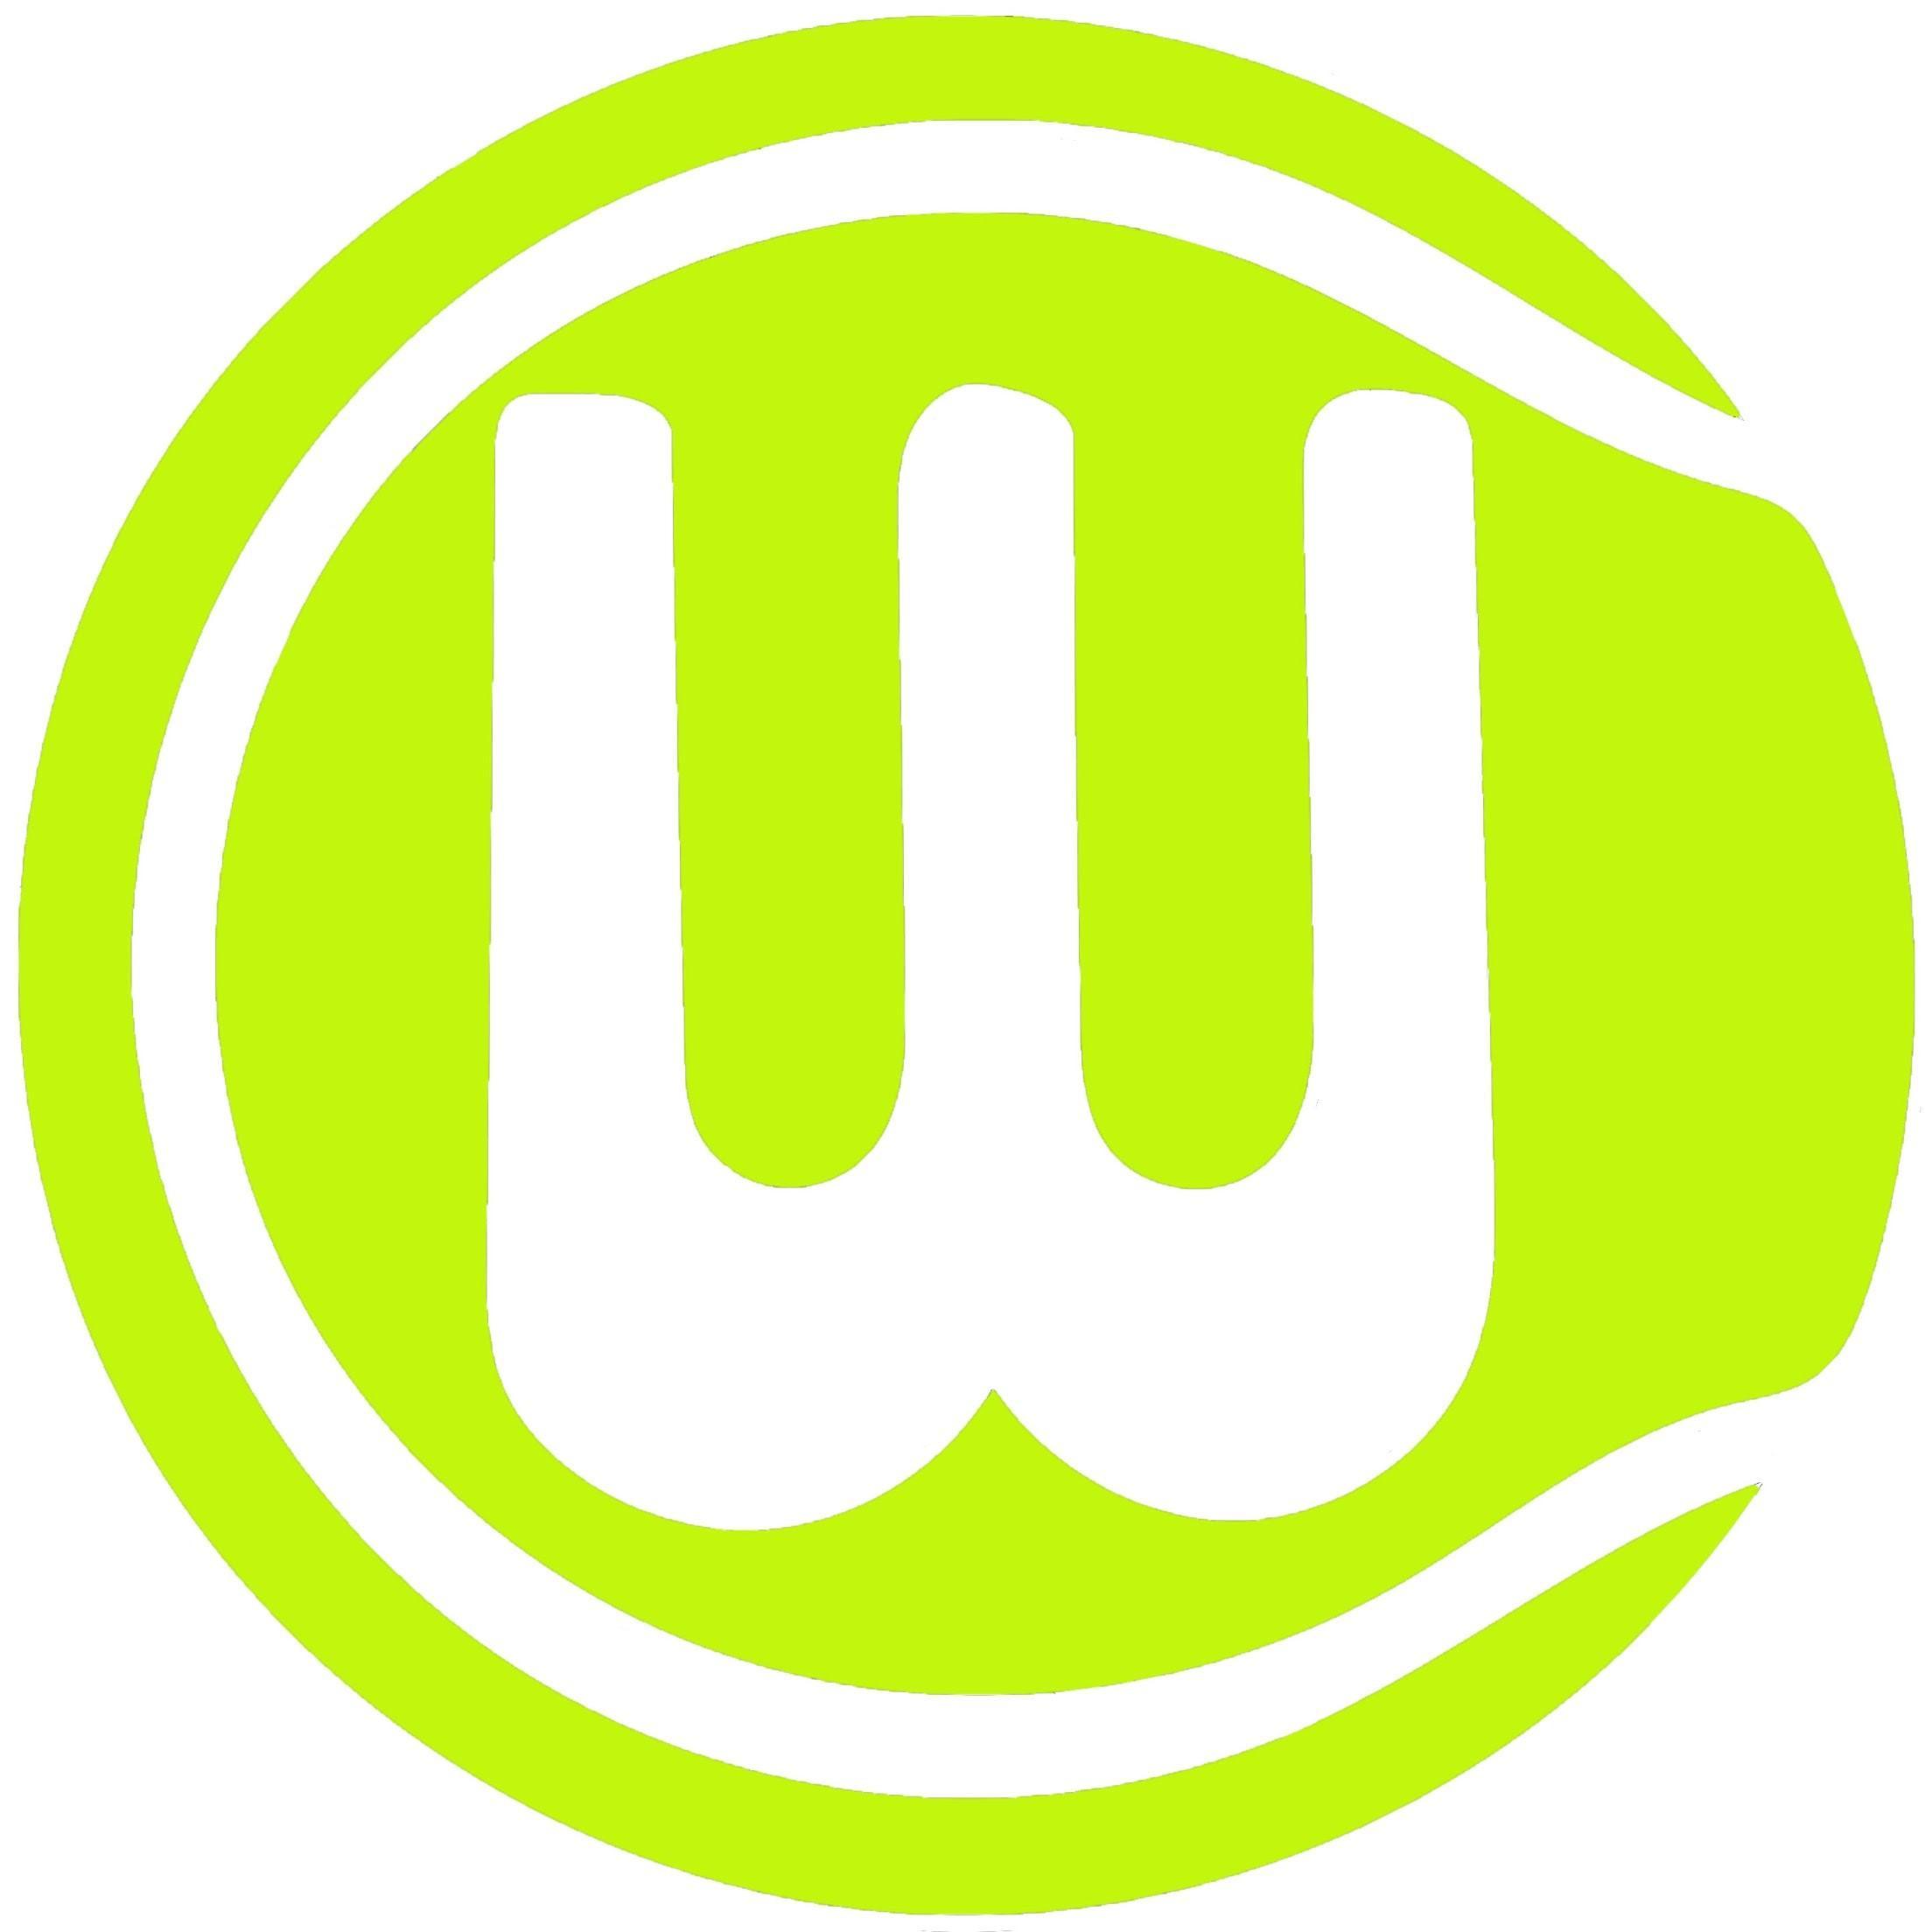 Writtle Tennis Club